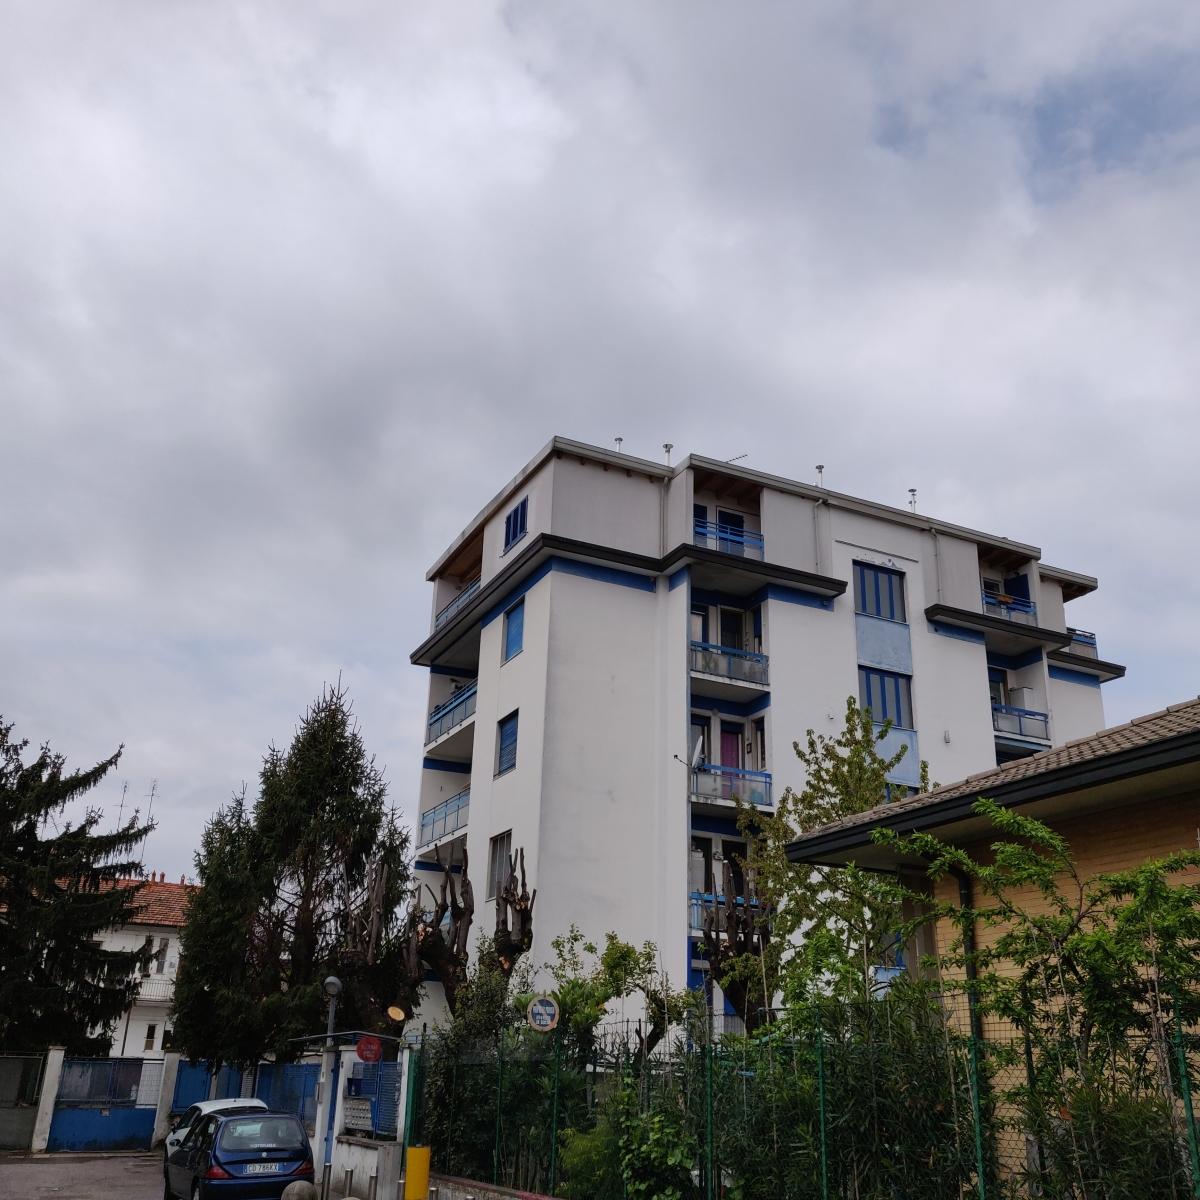 appartamento-in-vendita-via-bisi-milano-baggio-2-locali-bilocale-spaziourbano-immobiliare-vende-13